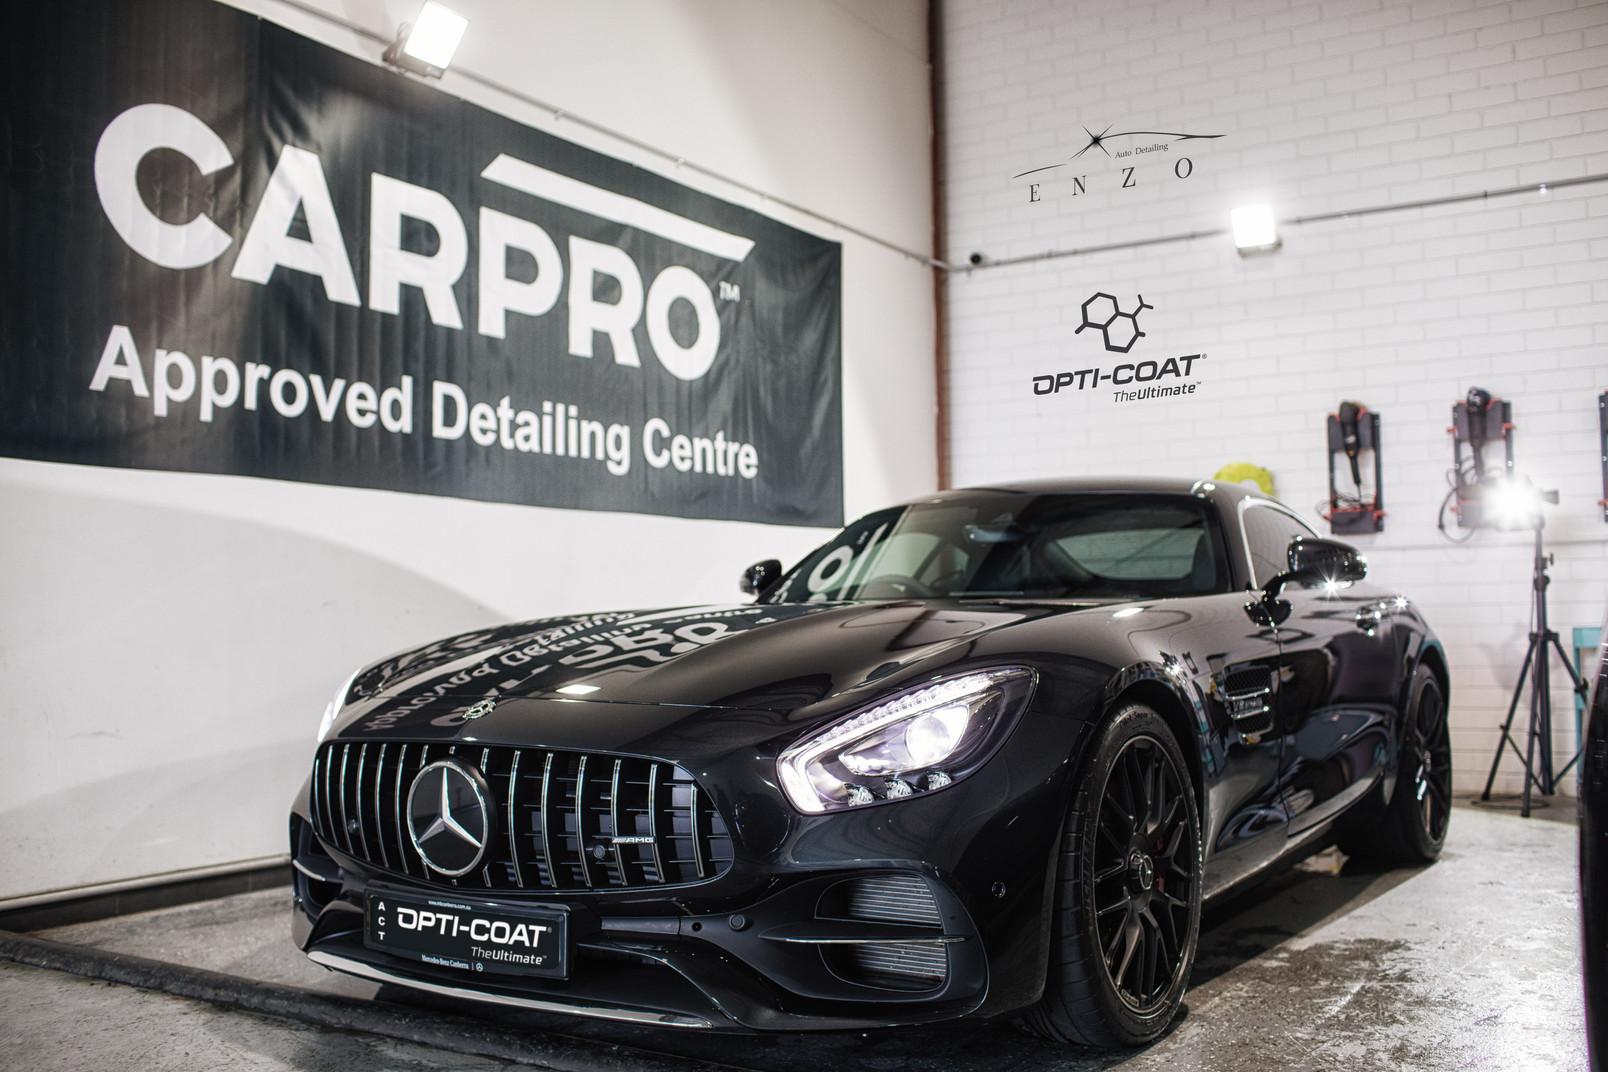 2018 Mercedes-Benz AMG GT - Opti-Coat Pro+